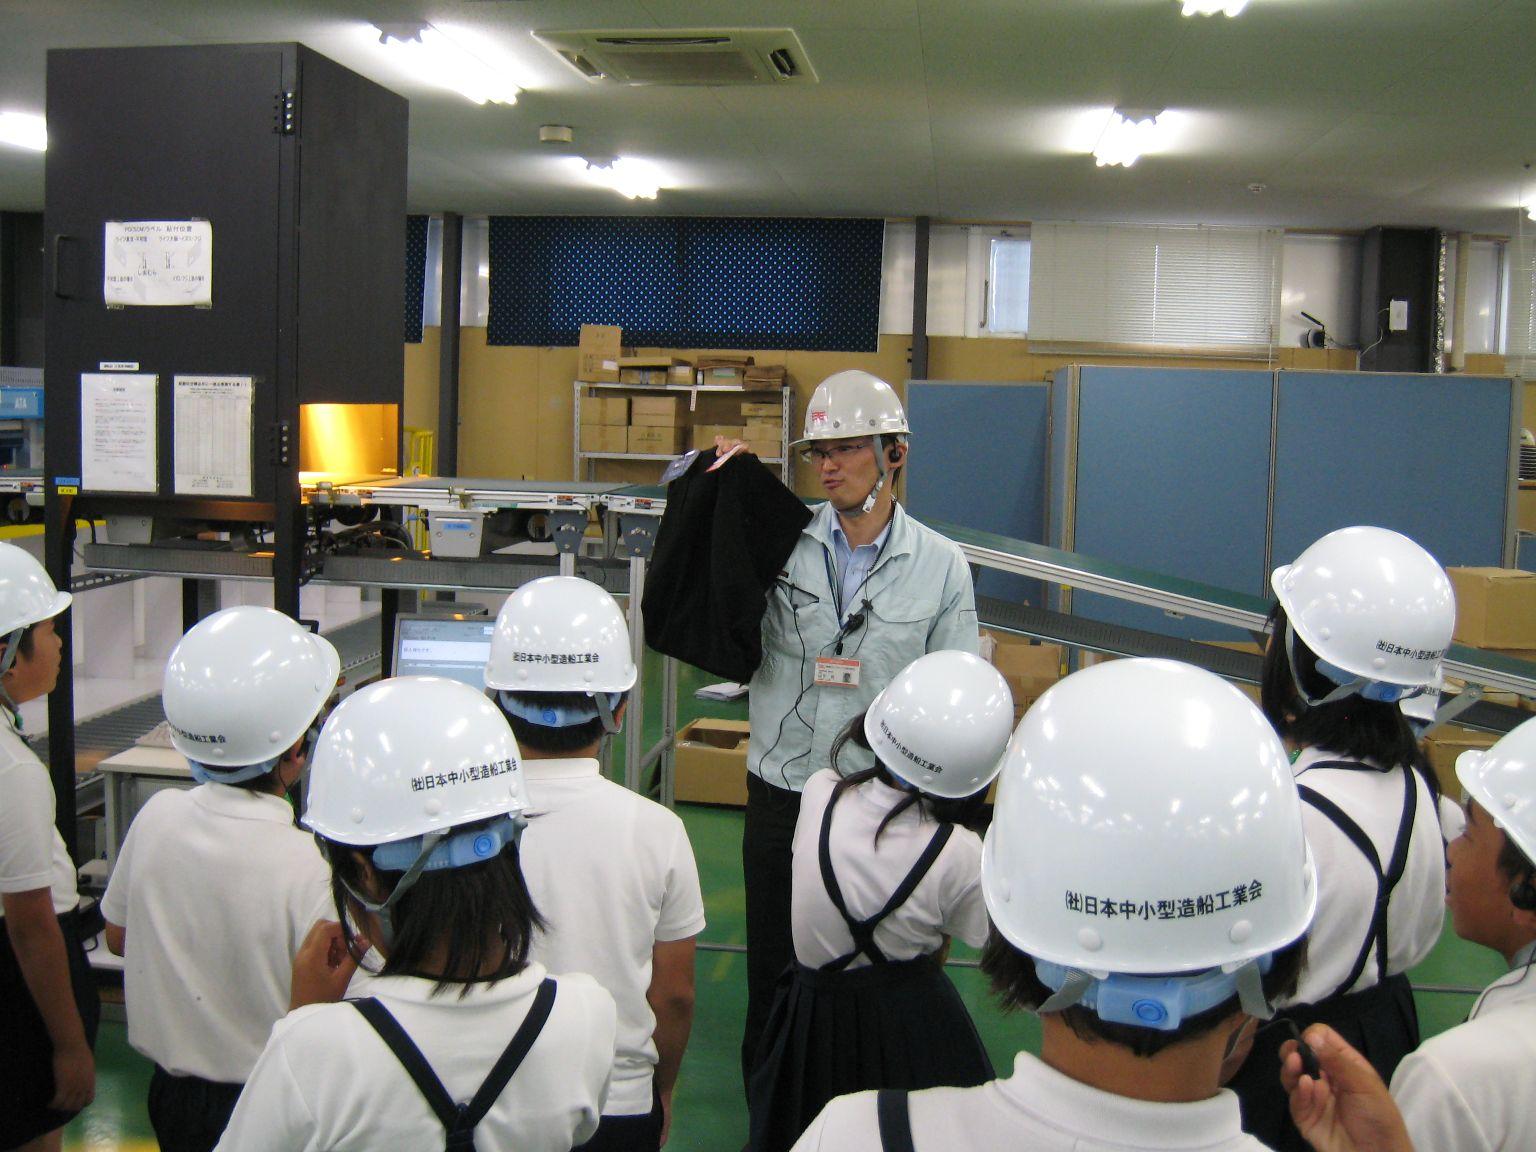 神原汽船福山物流センターで自動仕分け機を見学